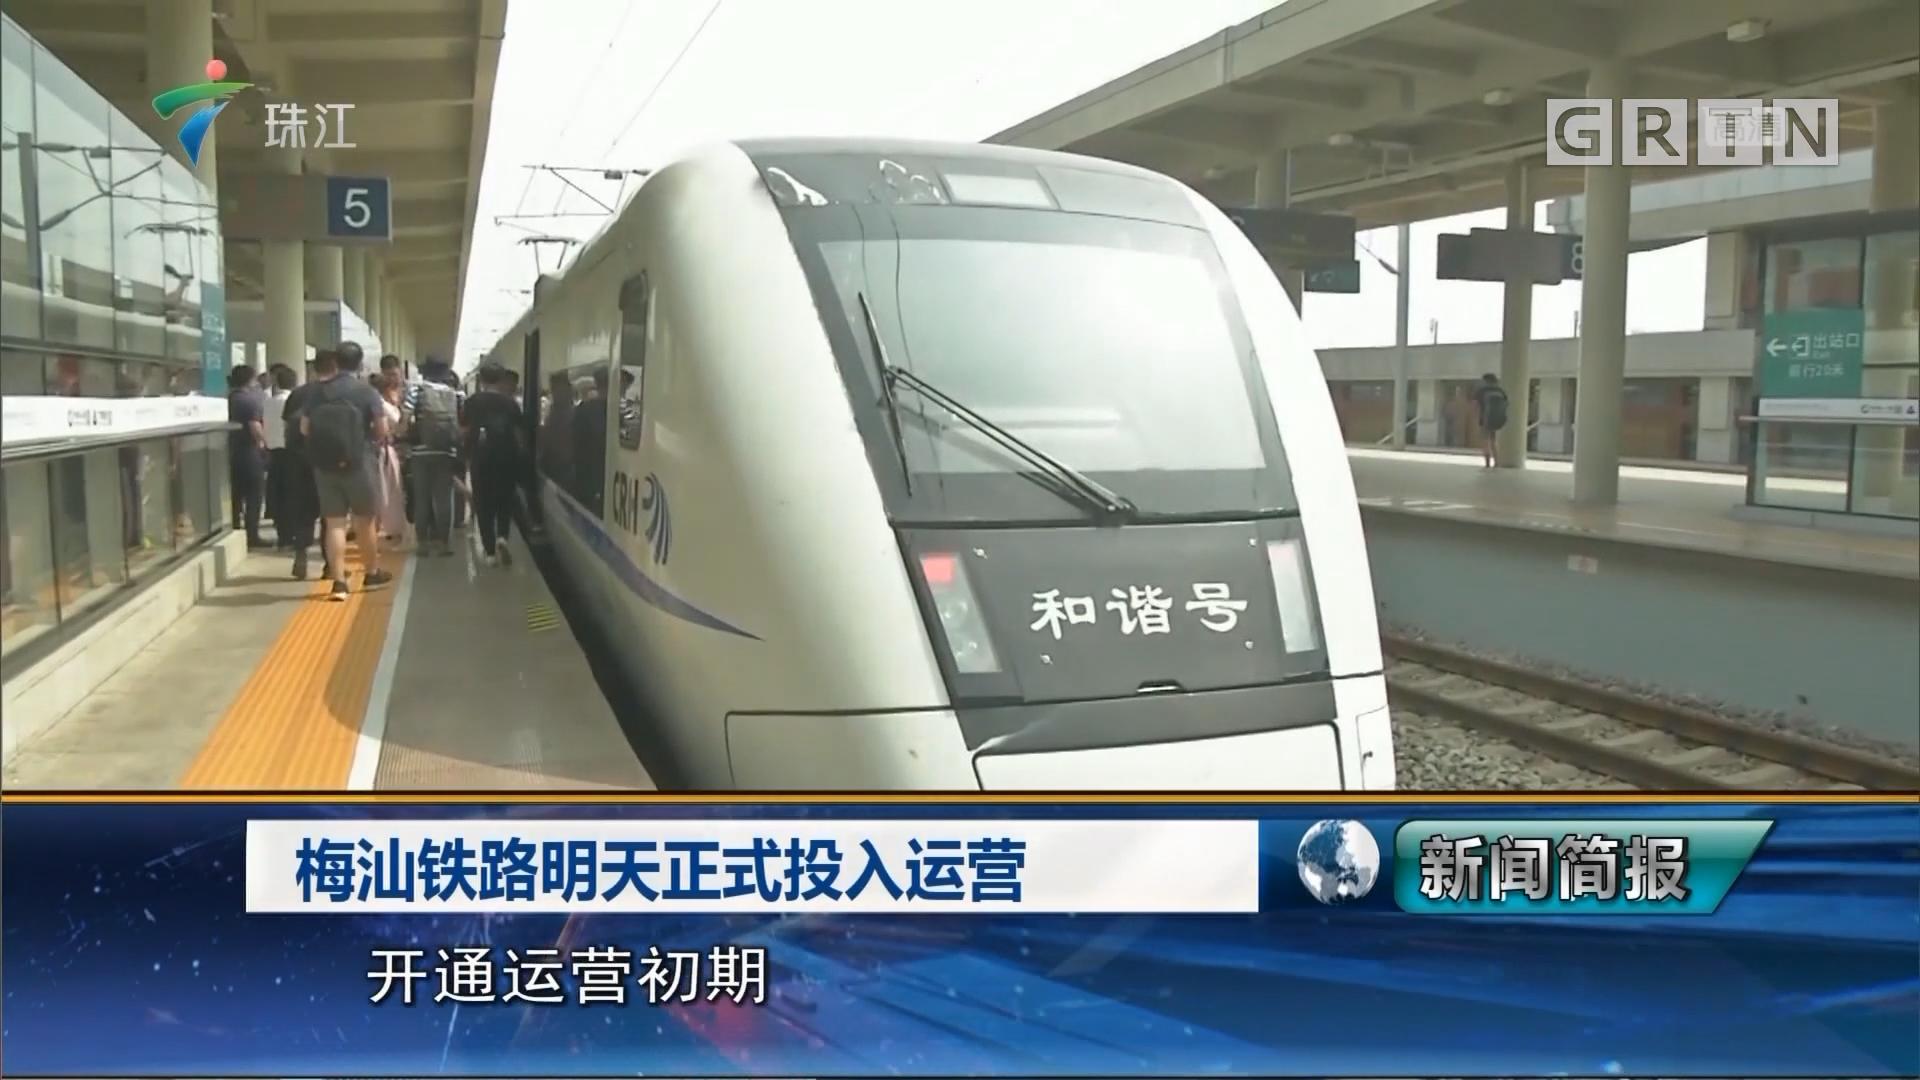 梅汕鐵路明天正式投入運營